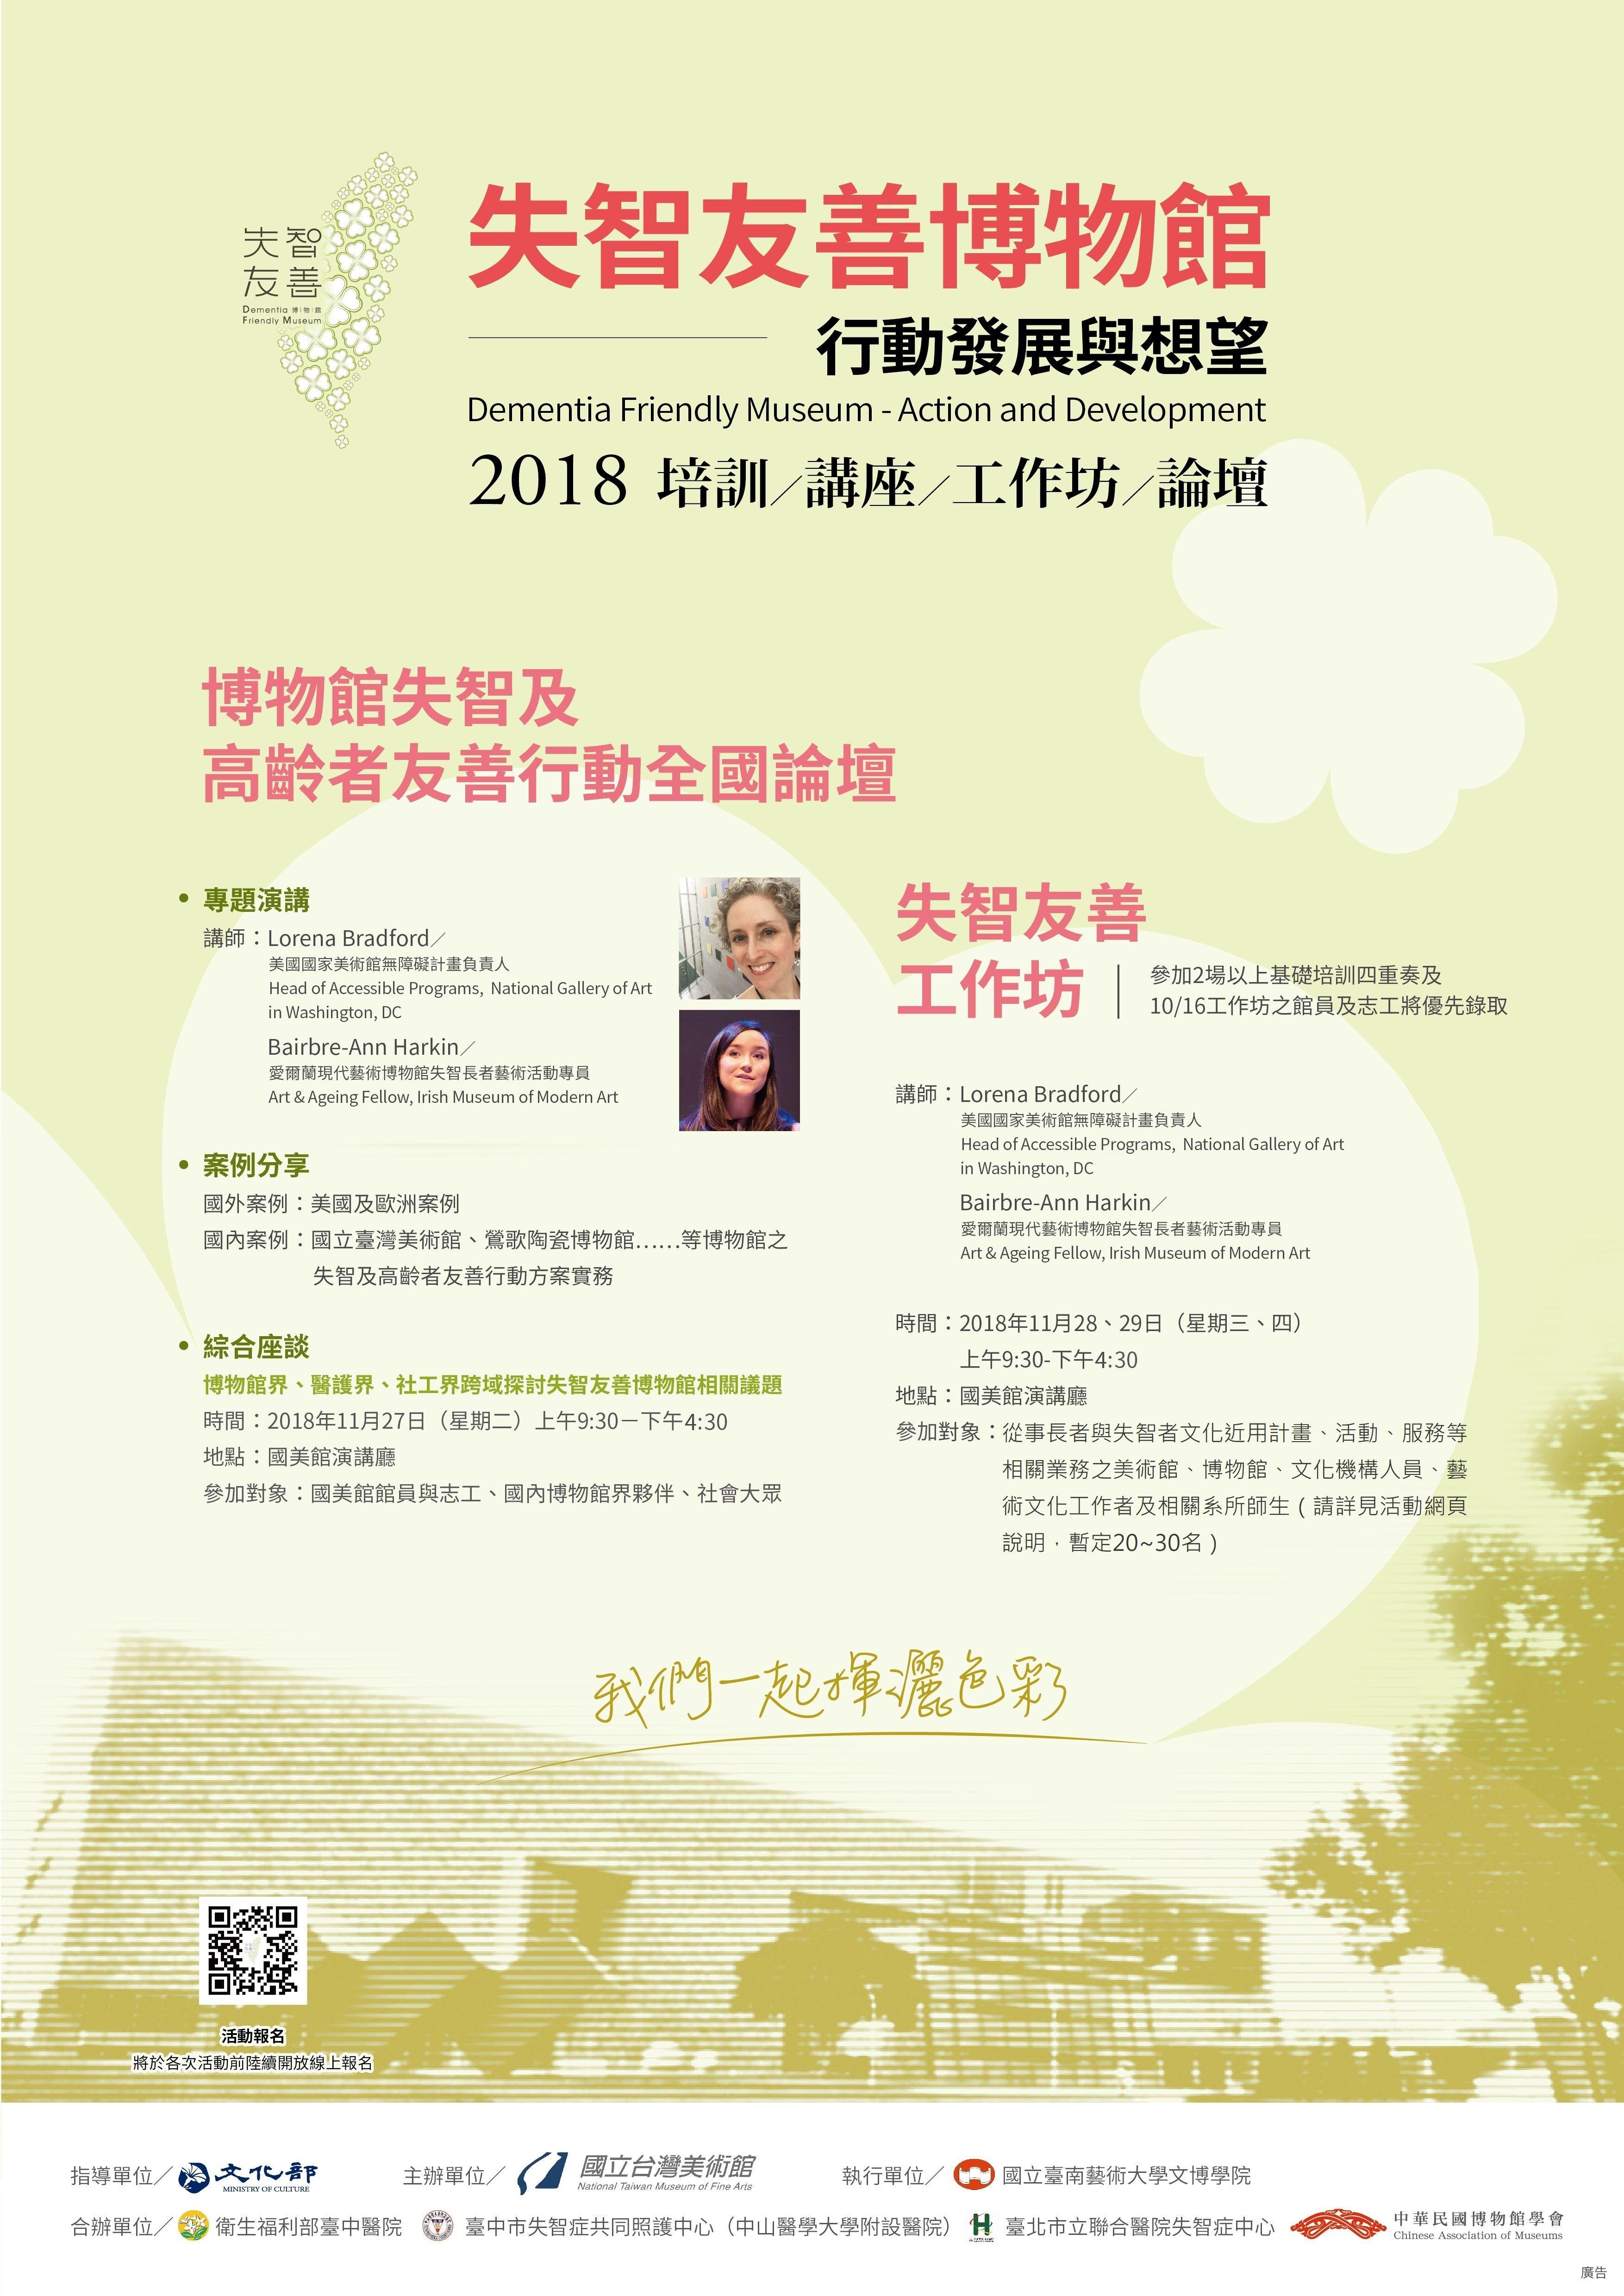 20181127-29失智友善博物館論壇與工作坊海報